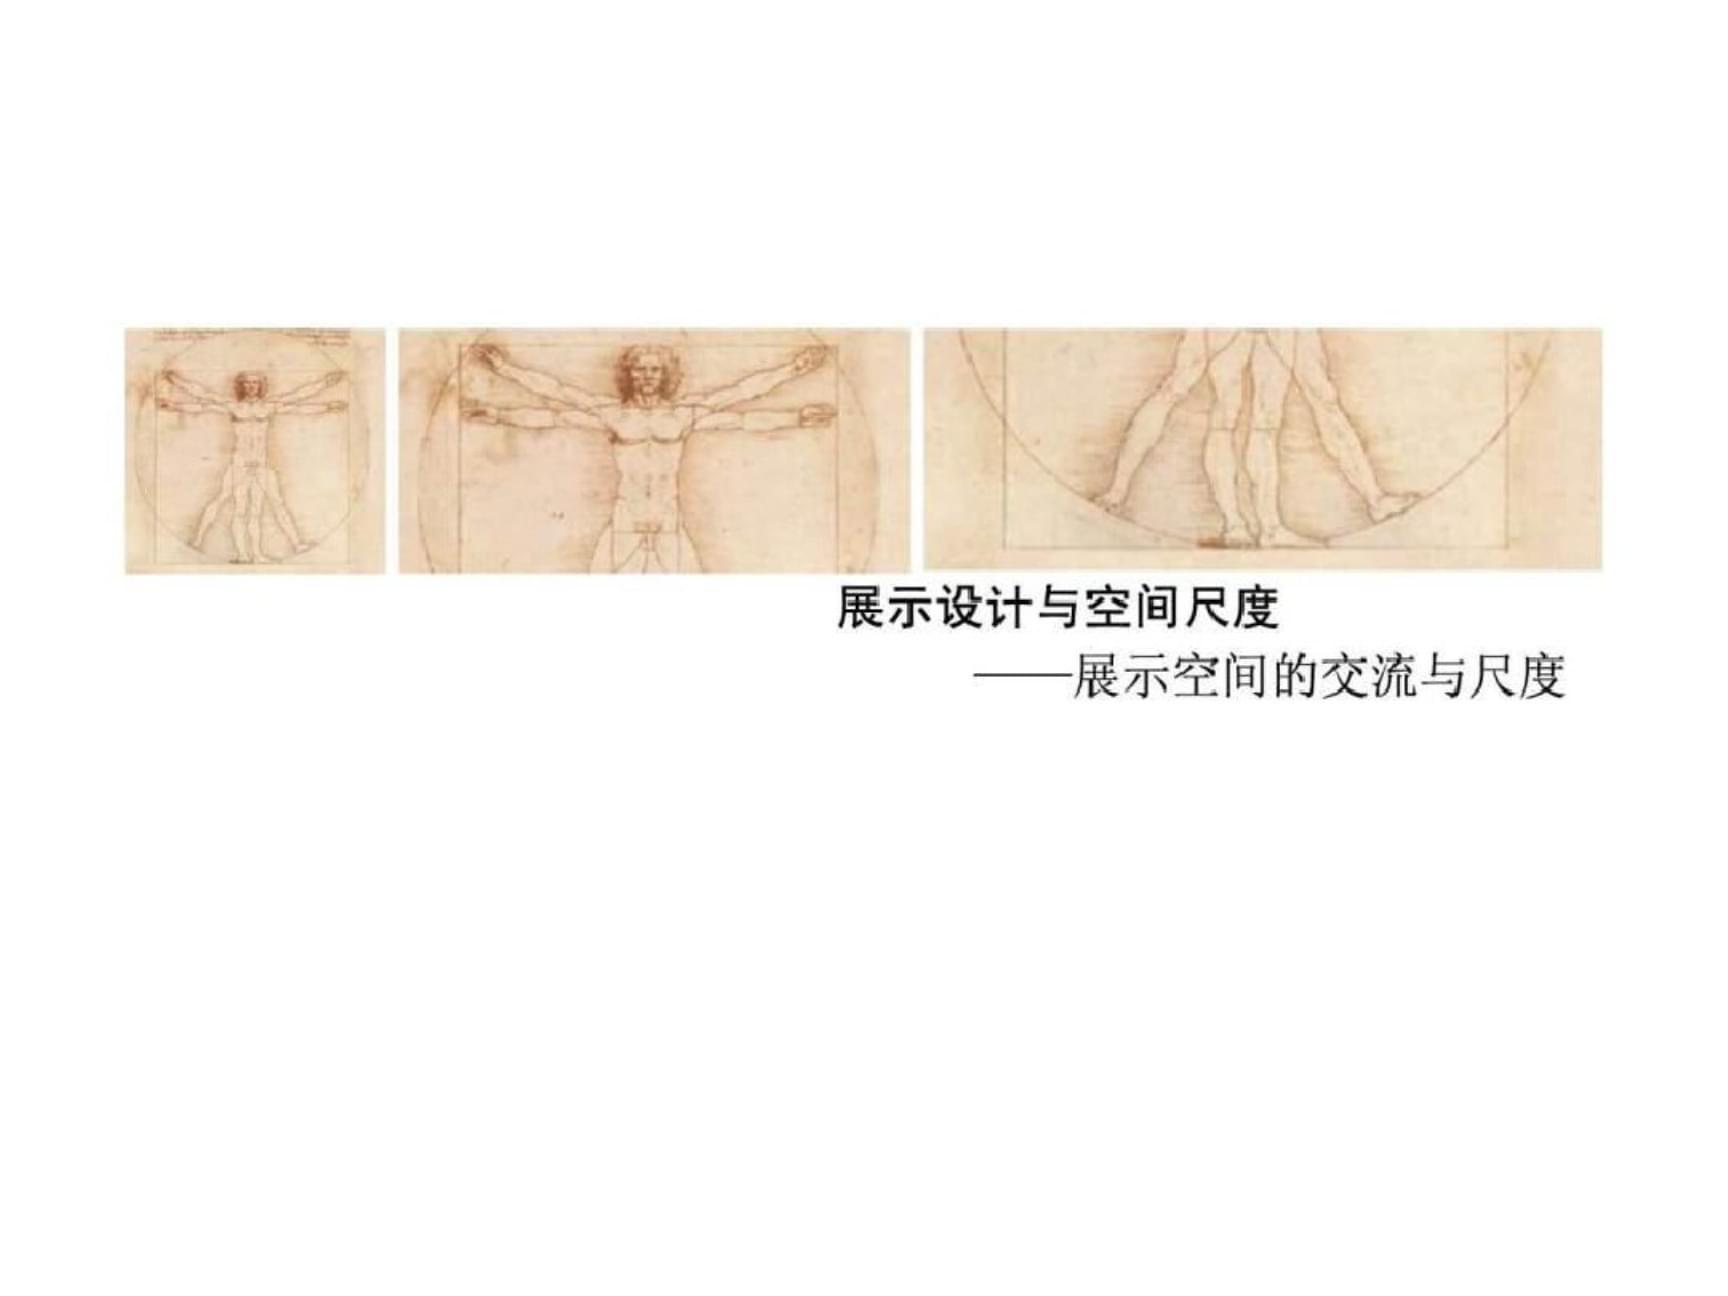 展示设计与空间尺度[共46页].pptx